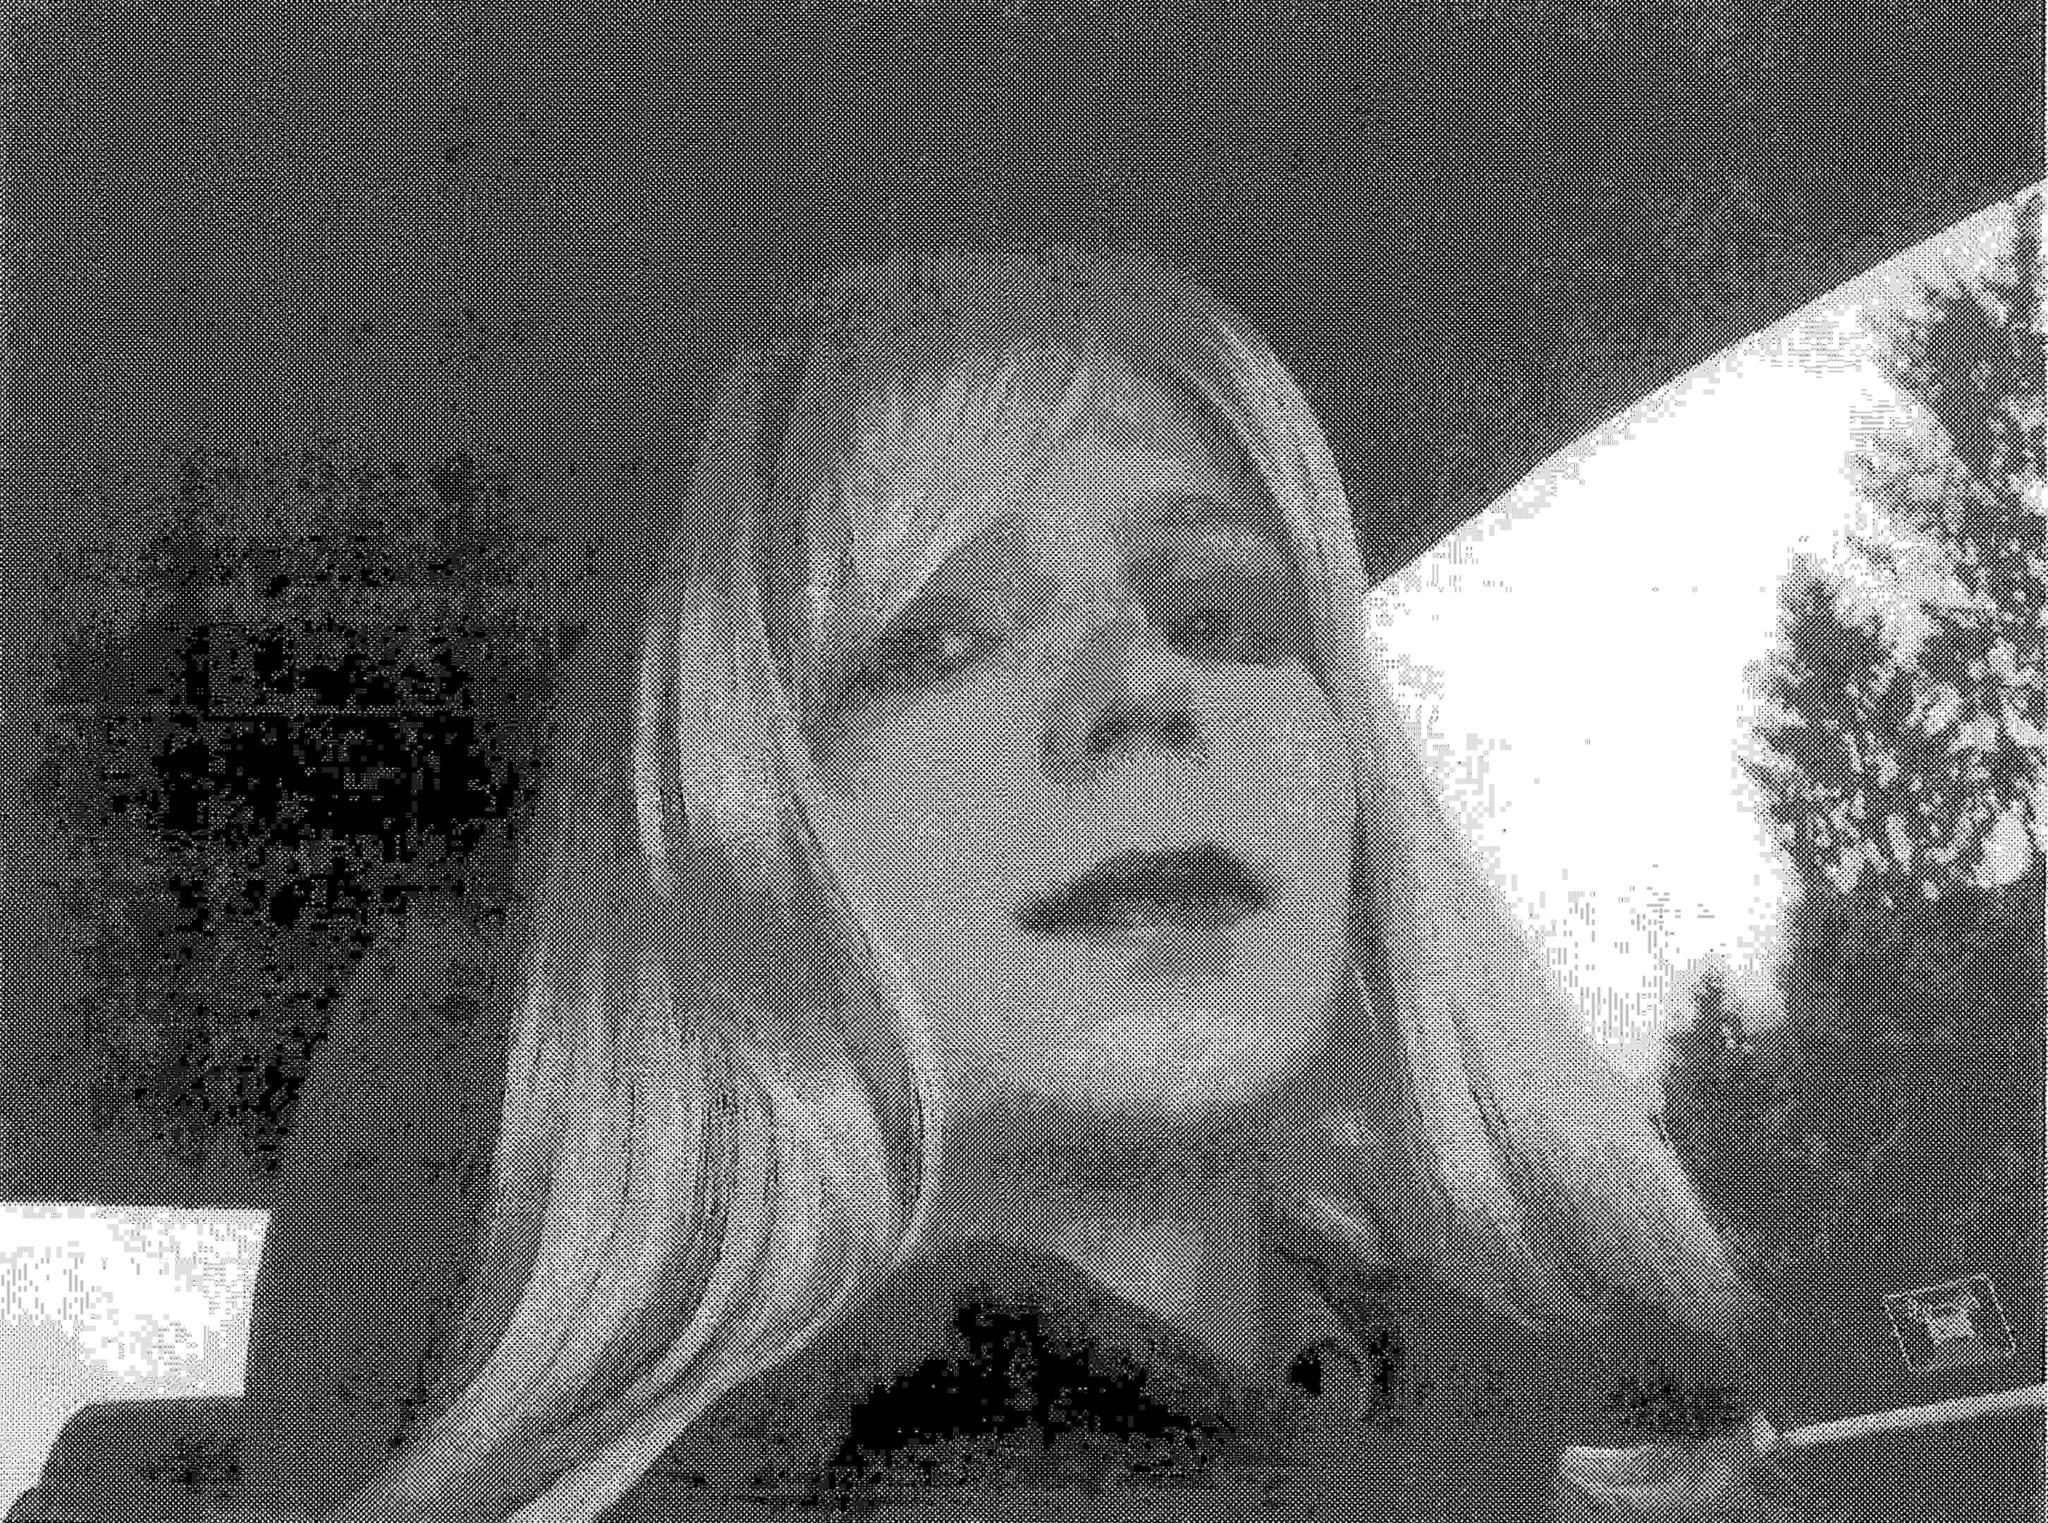 Chelsea Manning, outrora conhecida como Bradley Manning, passou documentos à WikiLeaks